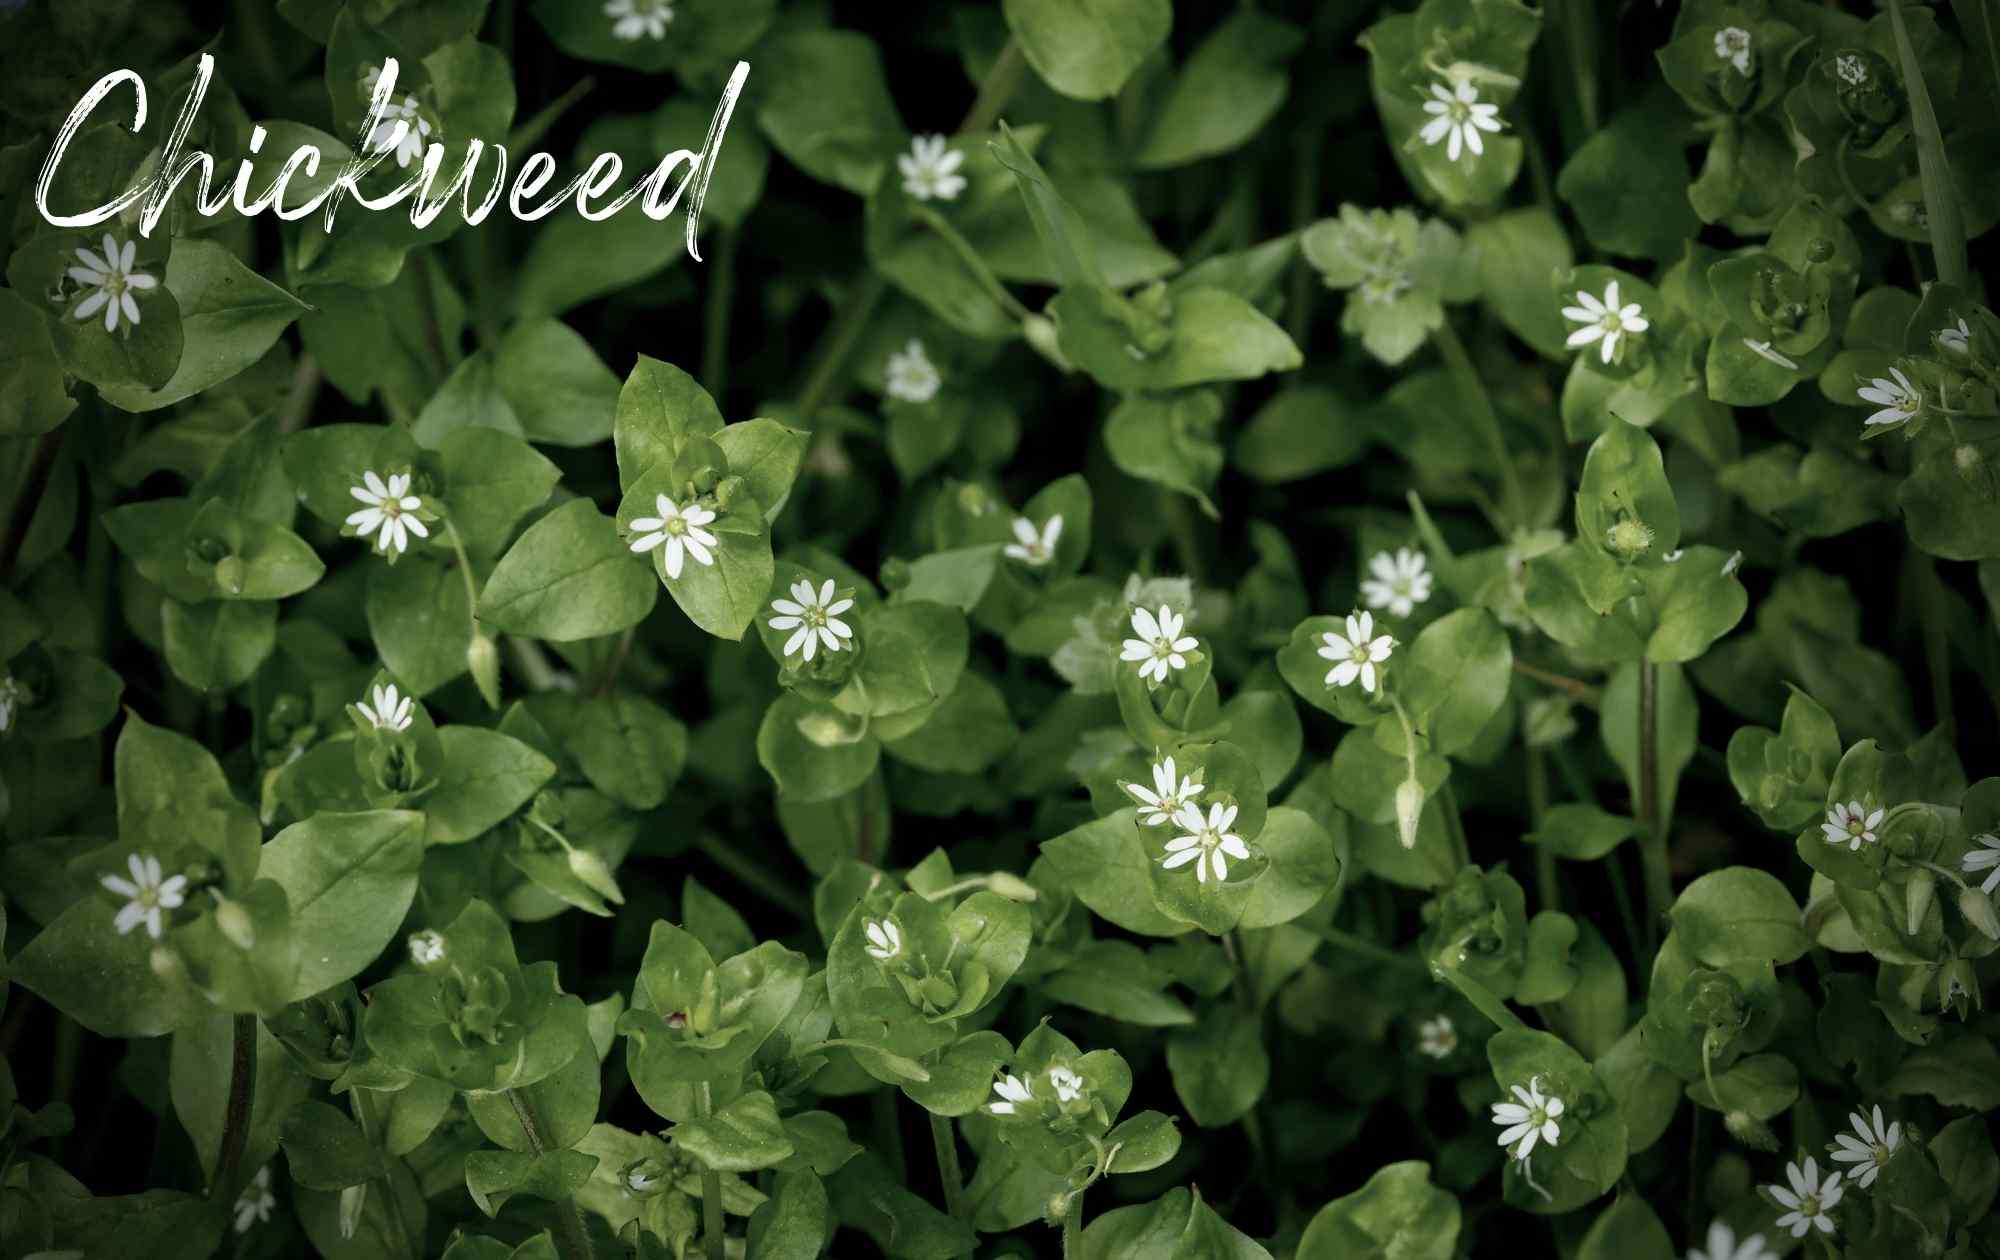 Chickweed landscape weed image